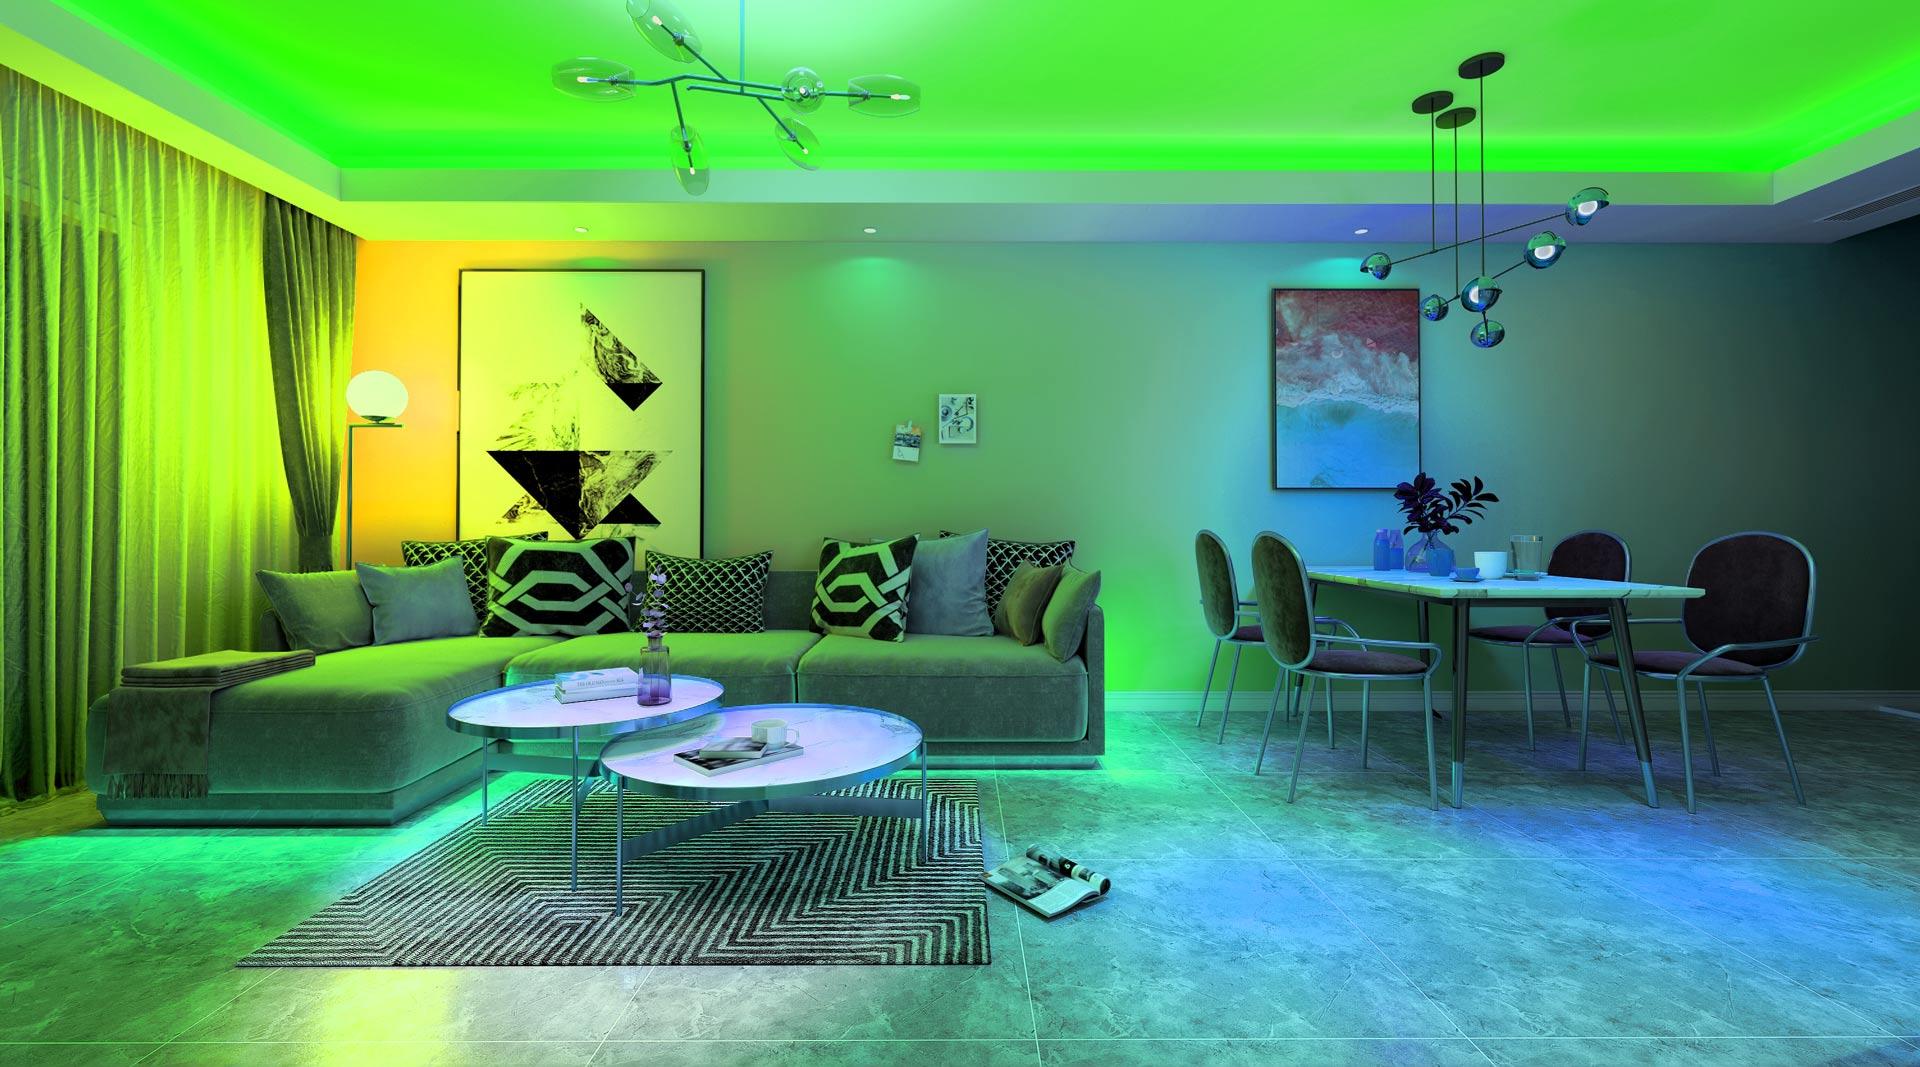 smart lighting solutions together